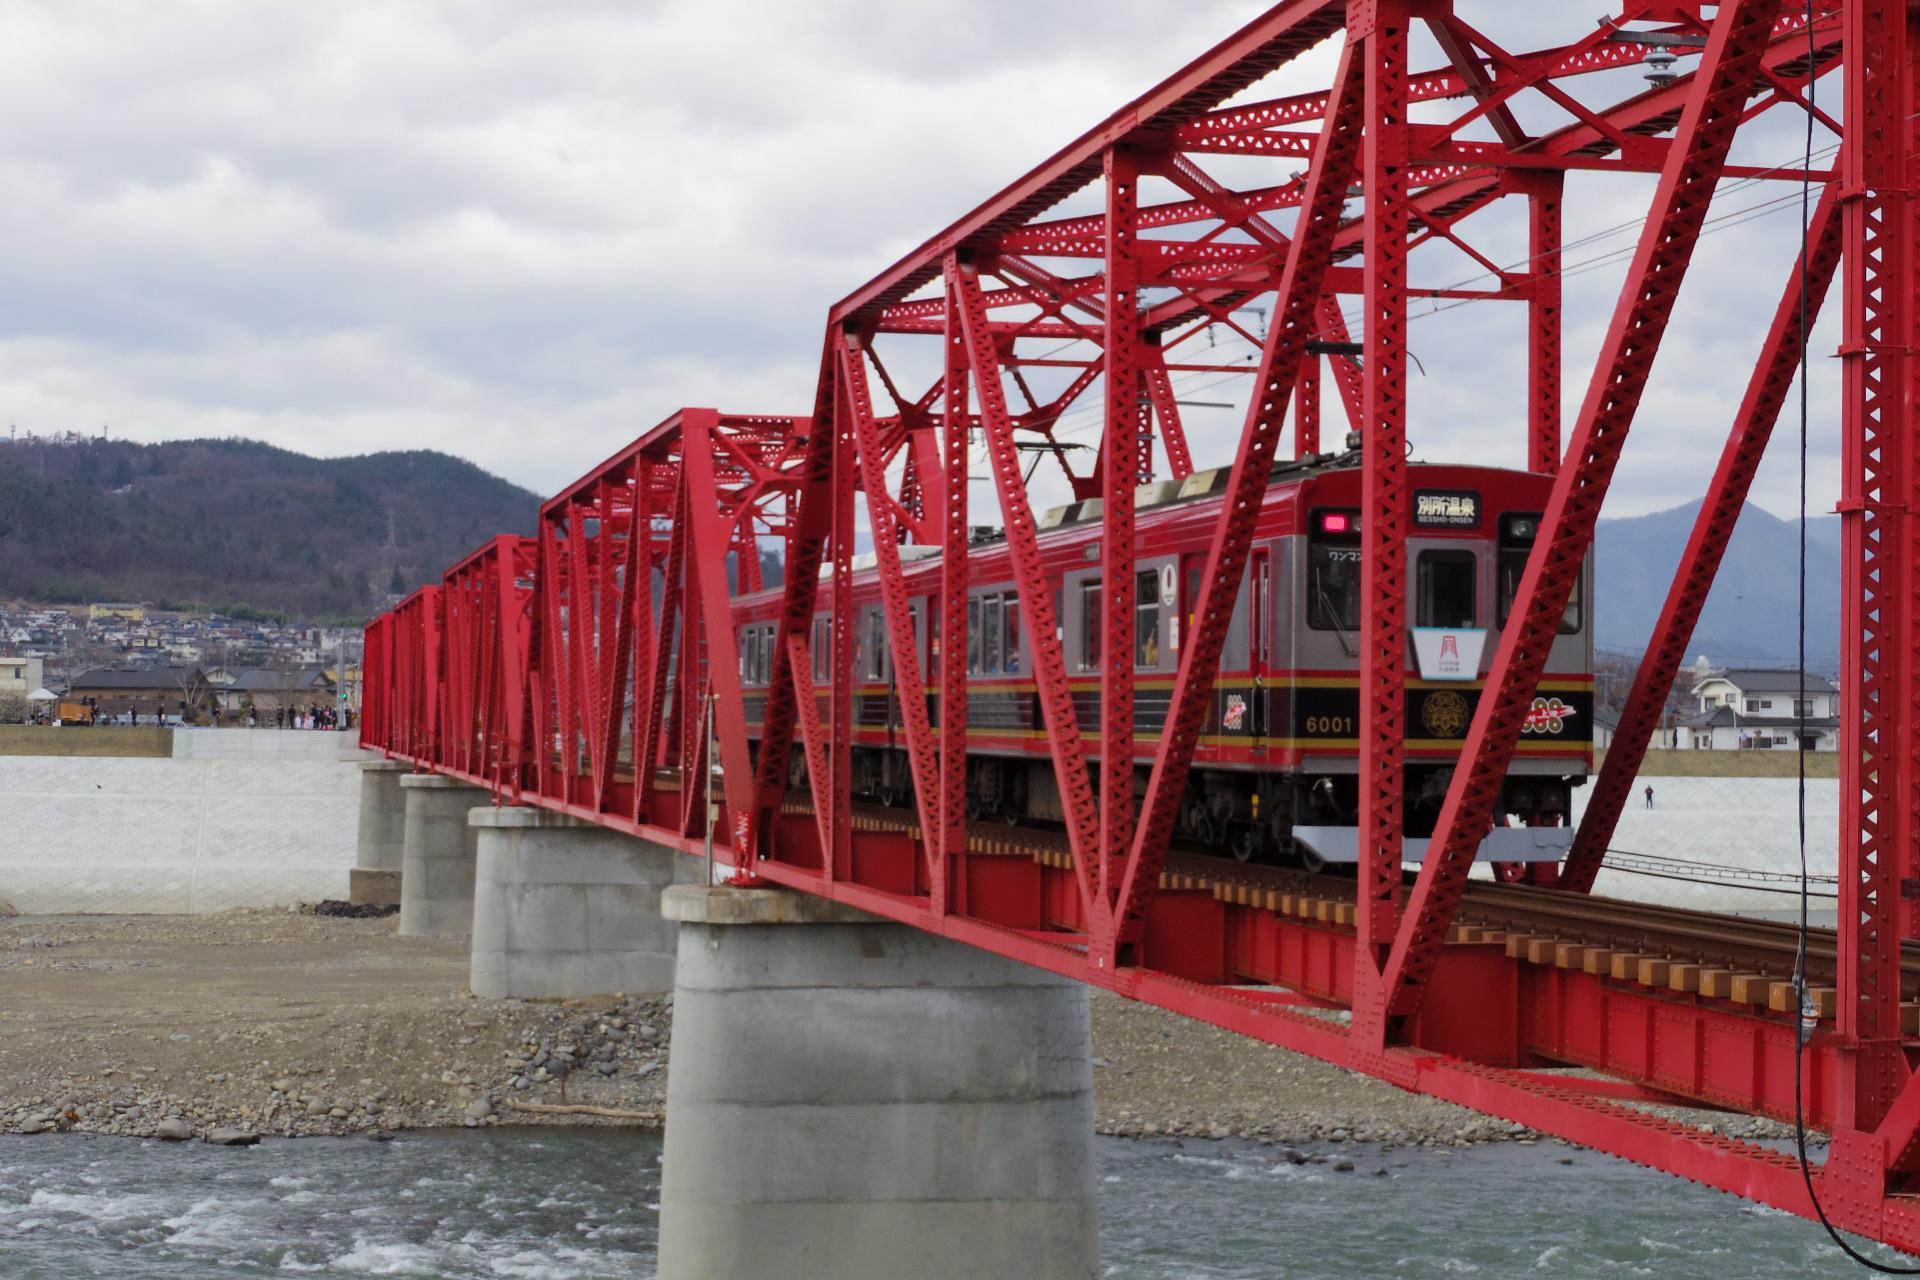 千曲川橋梁にさしかかった6000系「さなだどりーむ号」